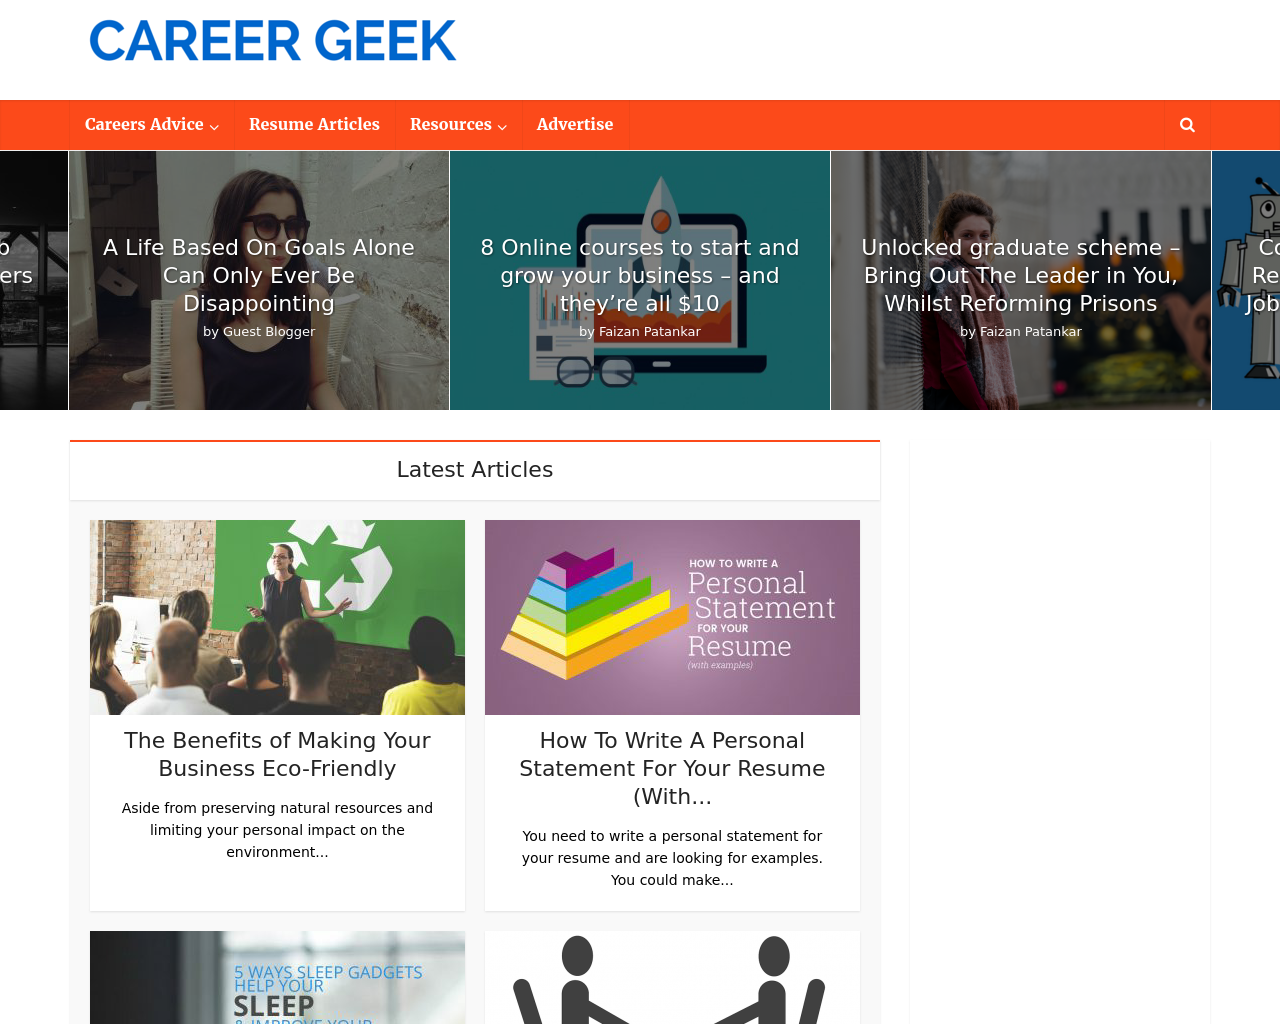 Career-Geek-Advertising-Reviews-Pricing